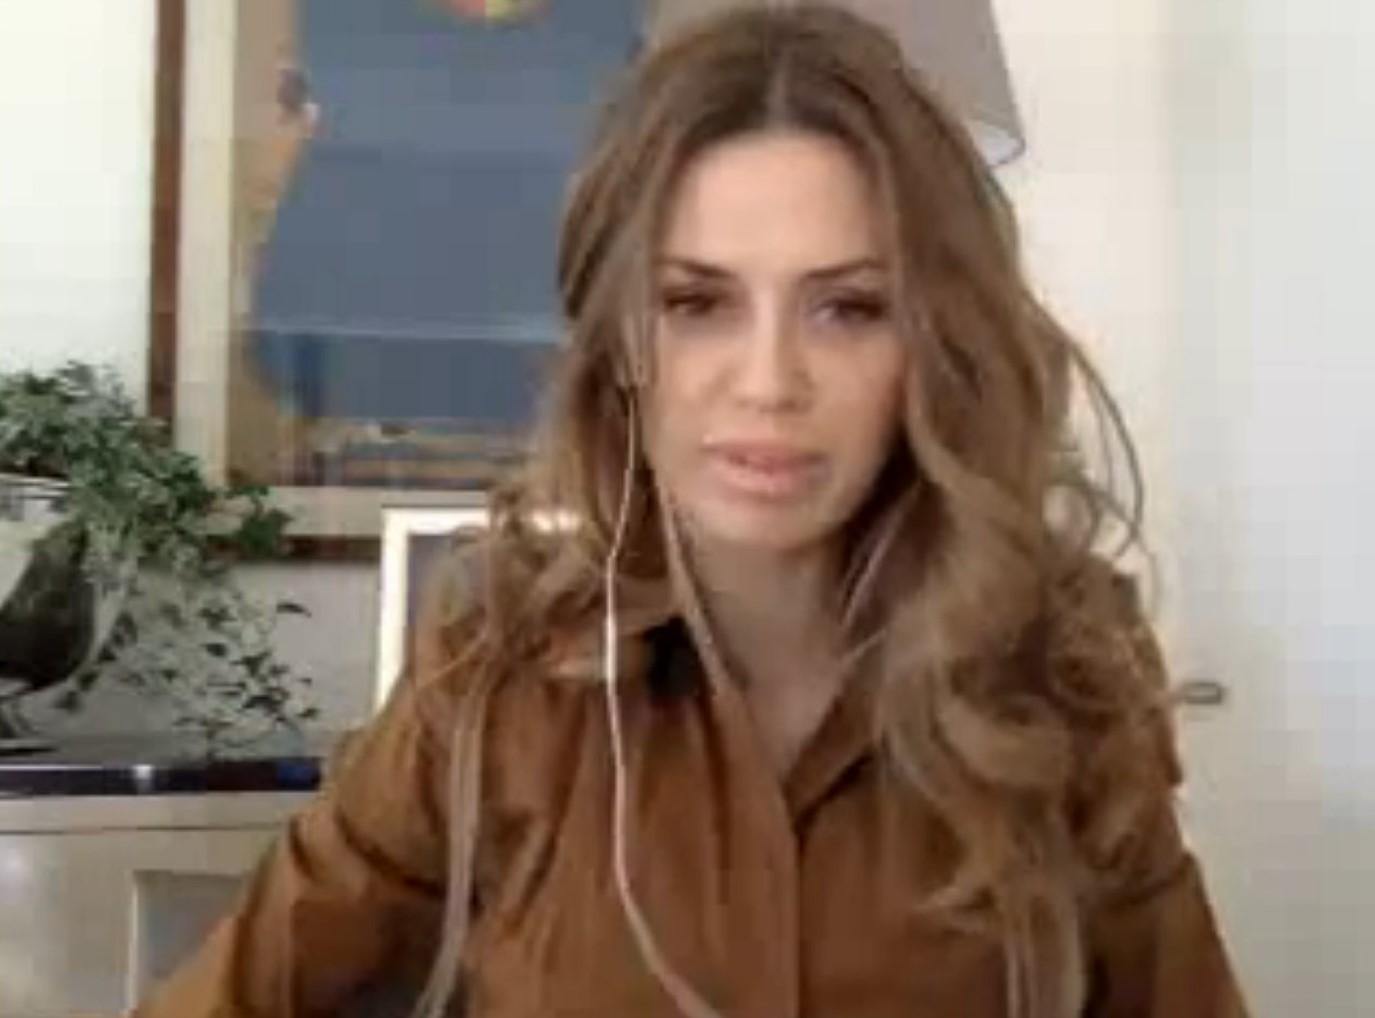 Видео. Твиткам Виктории Боня от 29.12.13